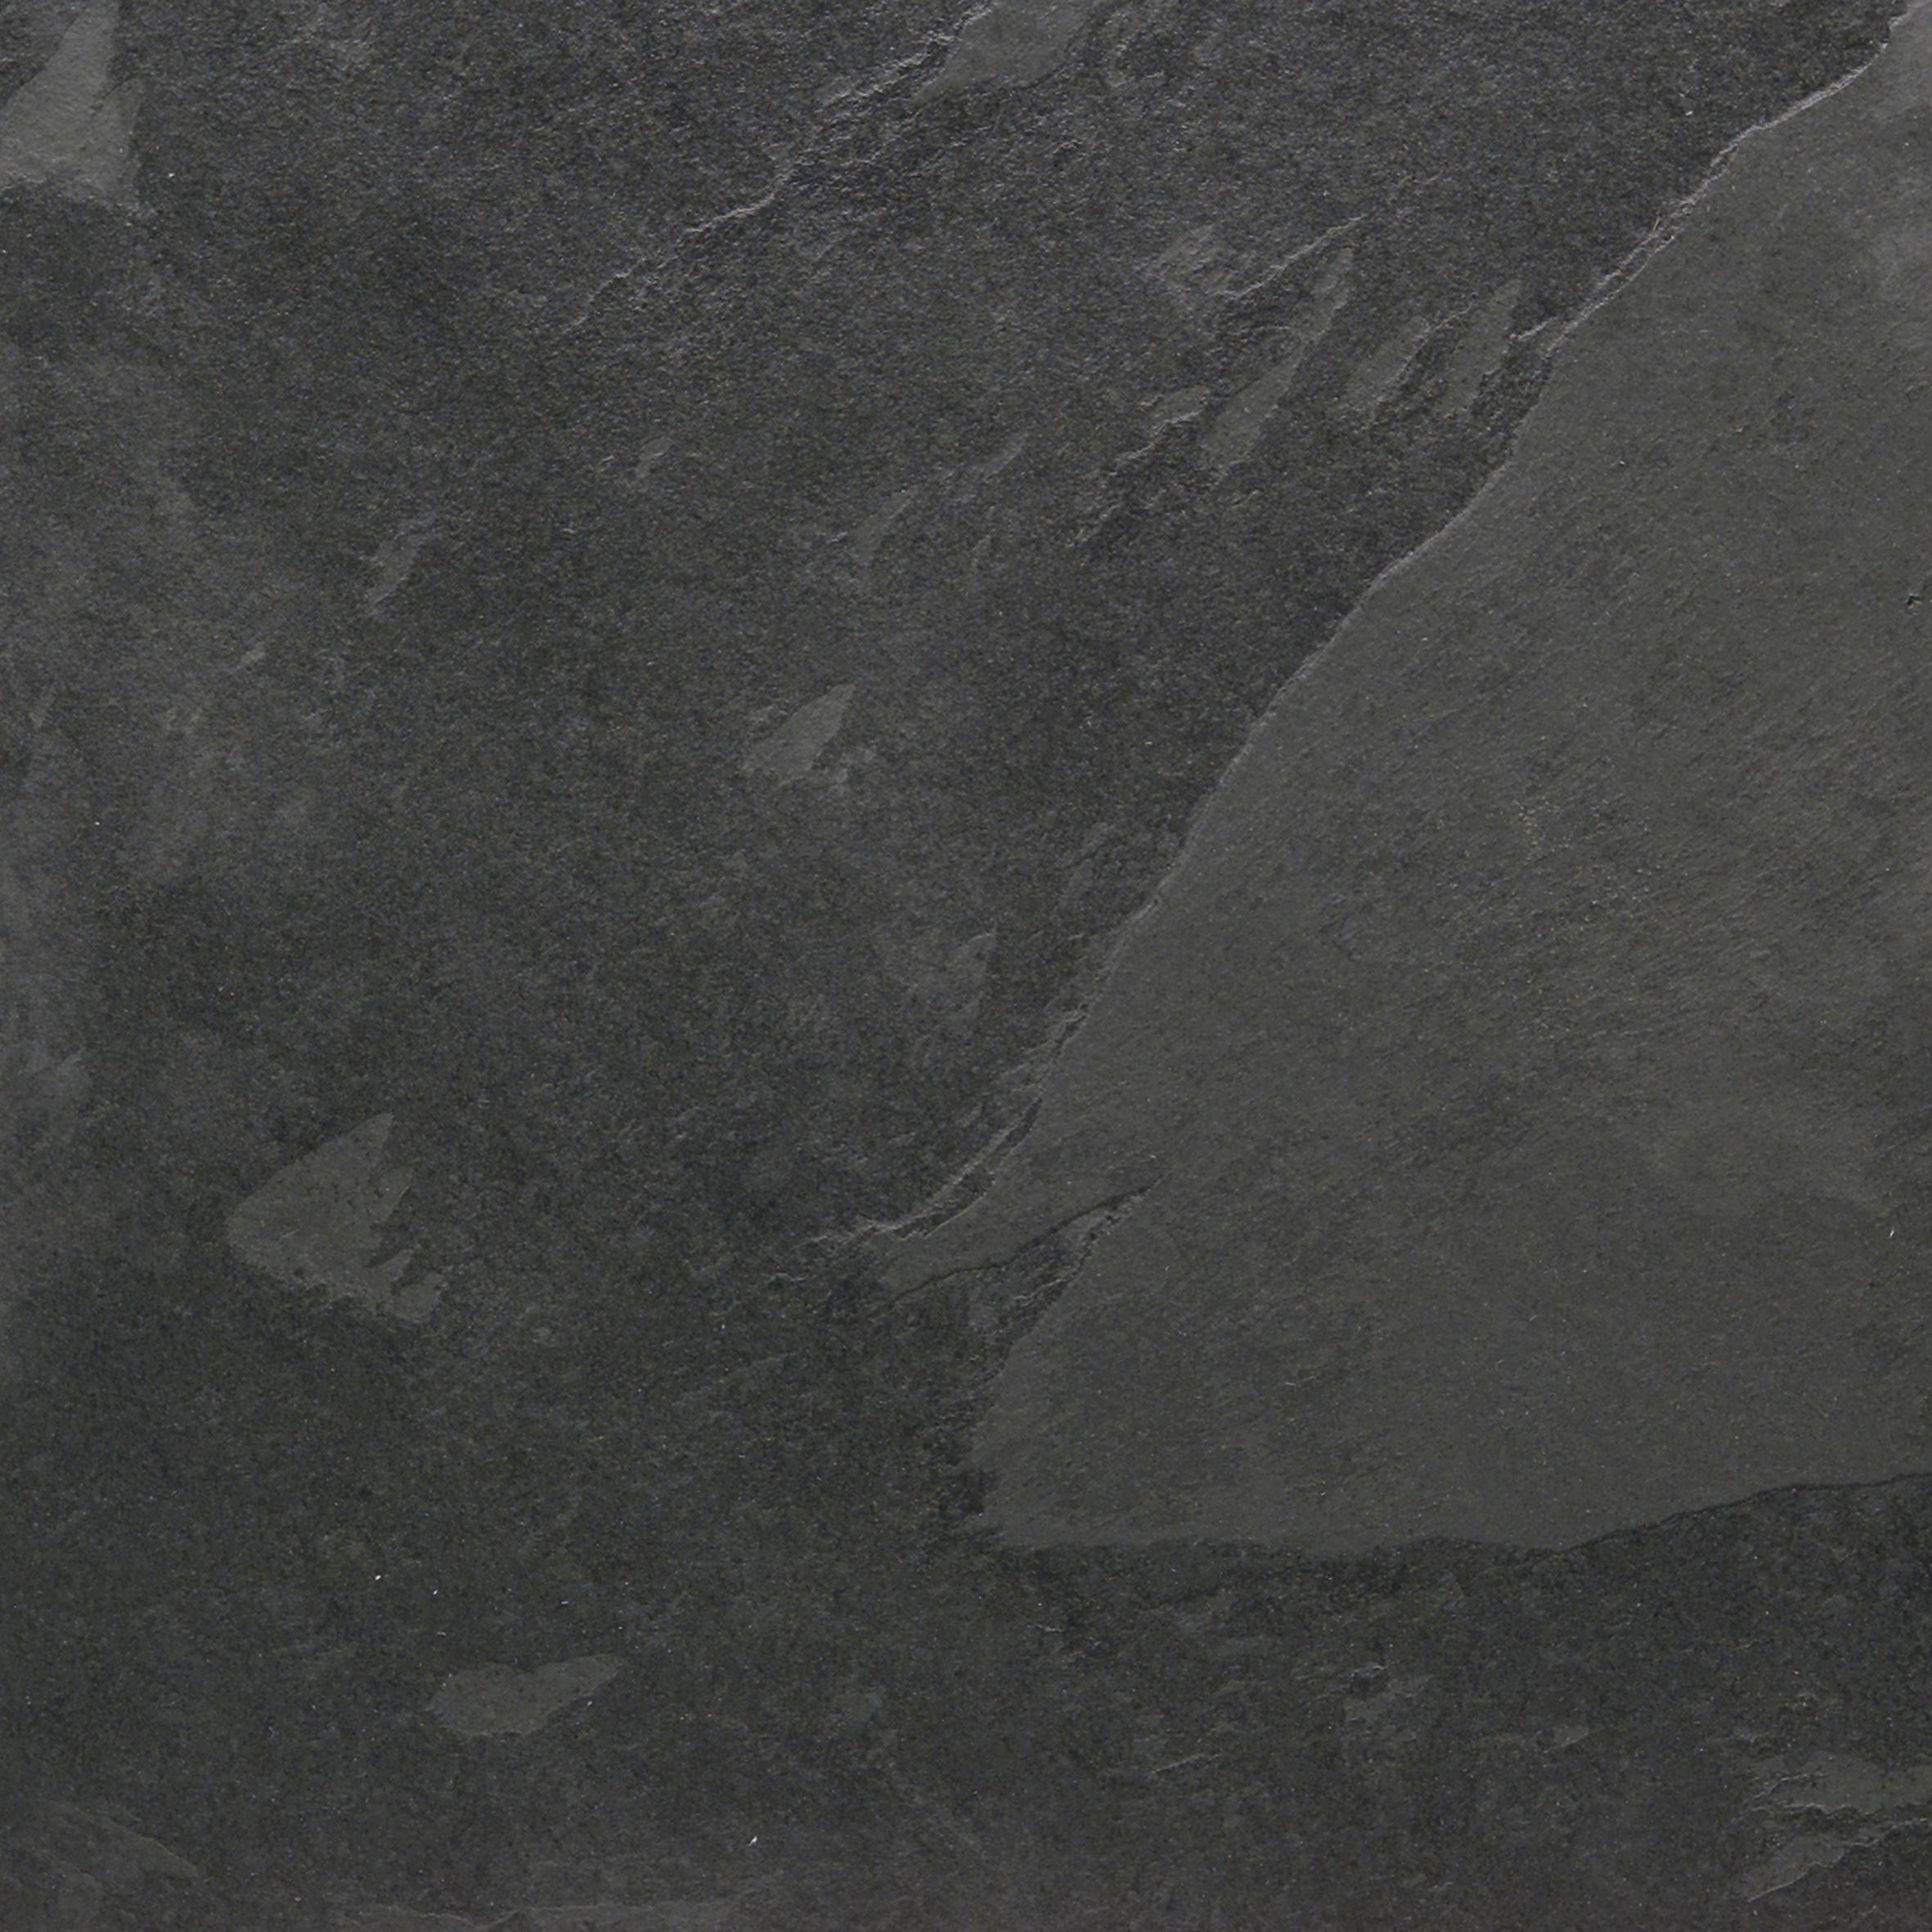 Schiefer innen – Fliesen aus Stein